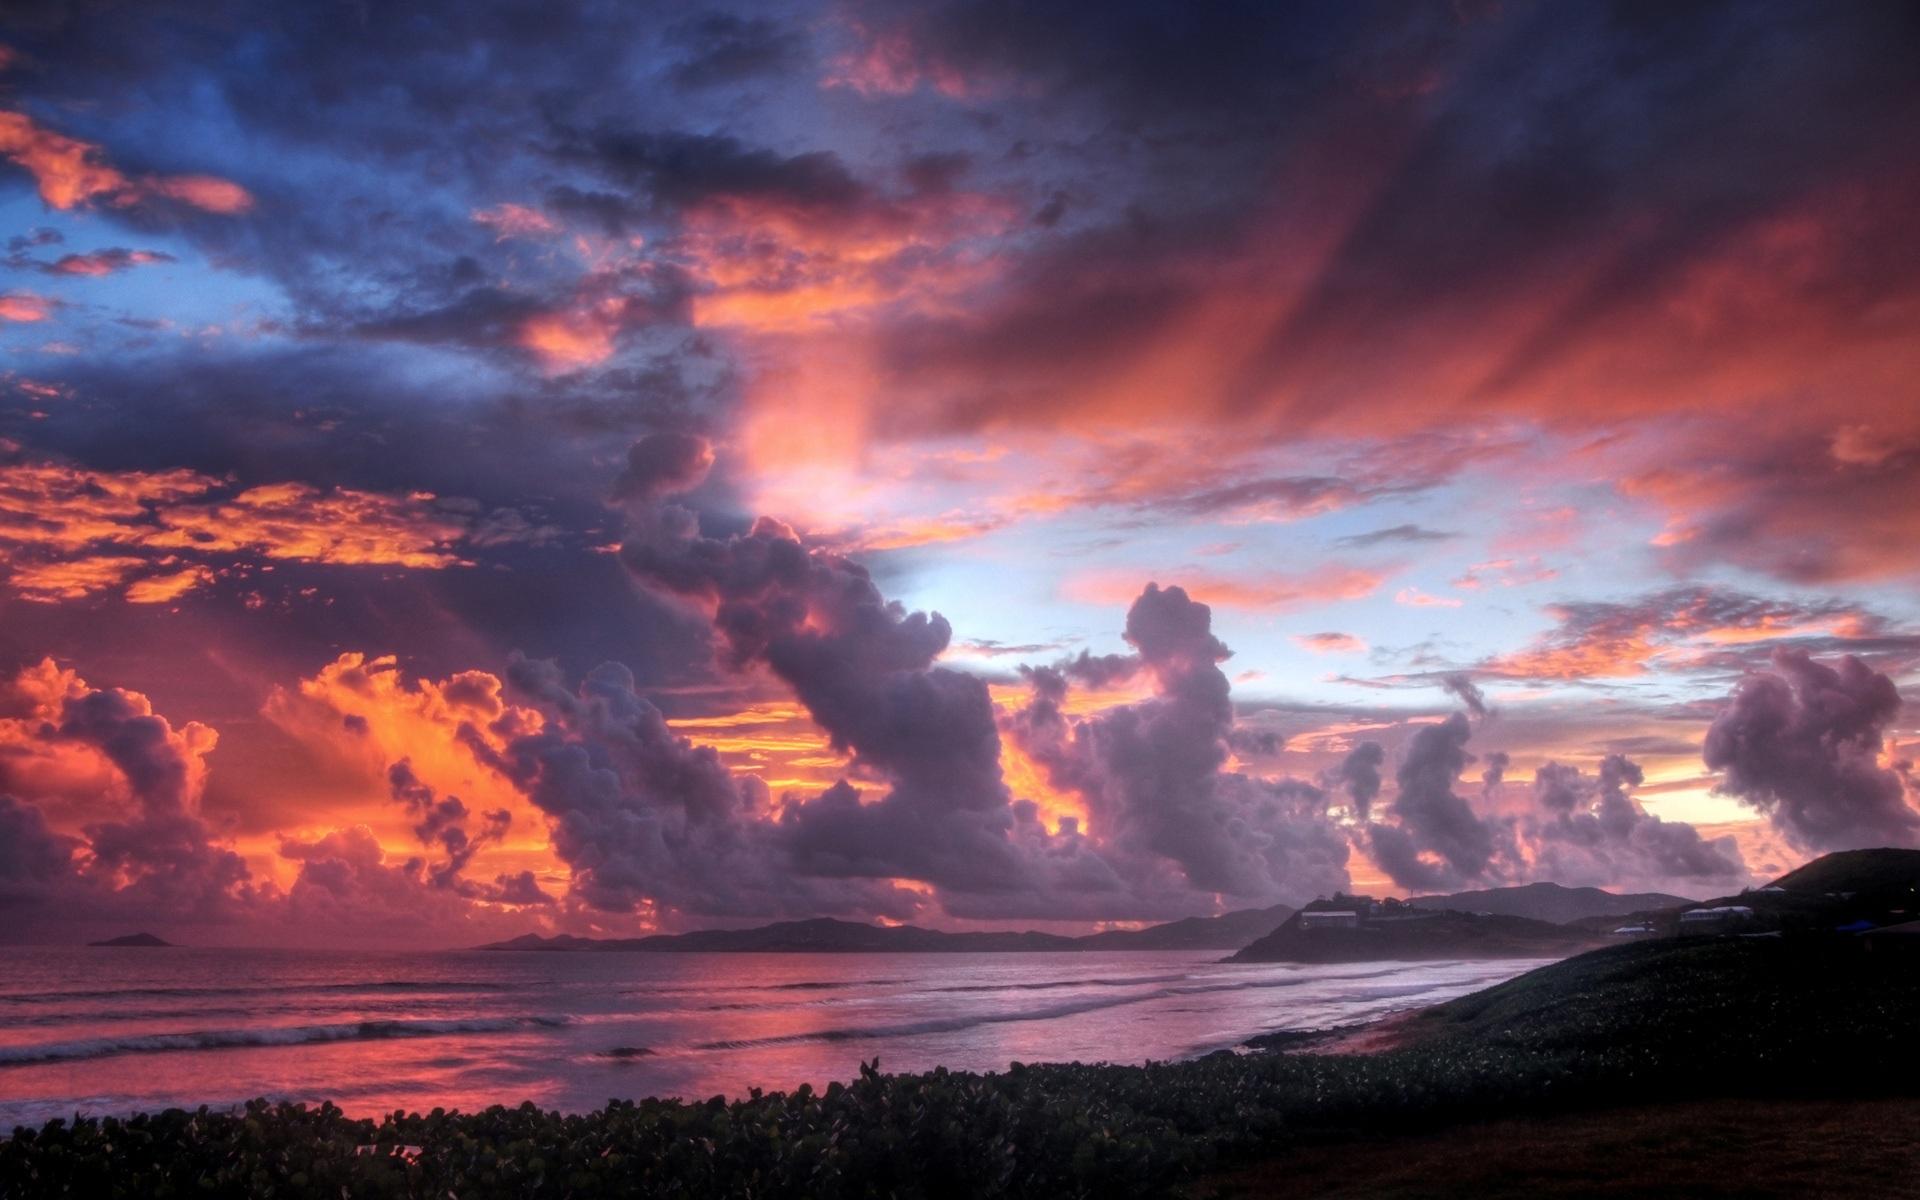 天空 雲彩 壁紙 1920x1200 壁紙 描述 海邊 的 夕陽 天空